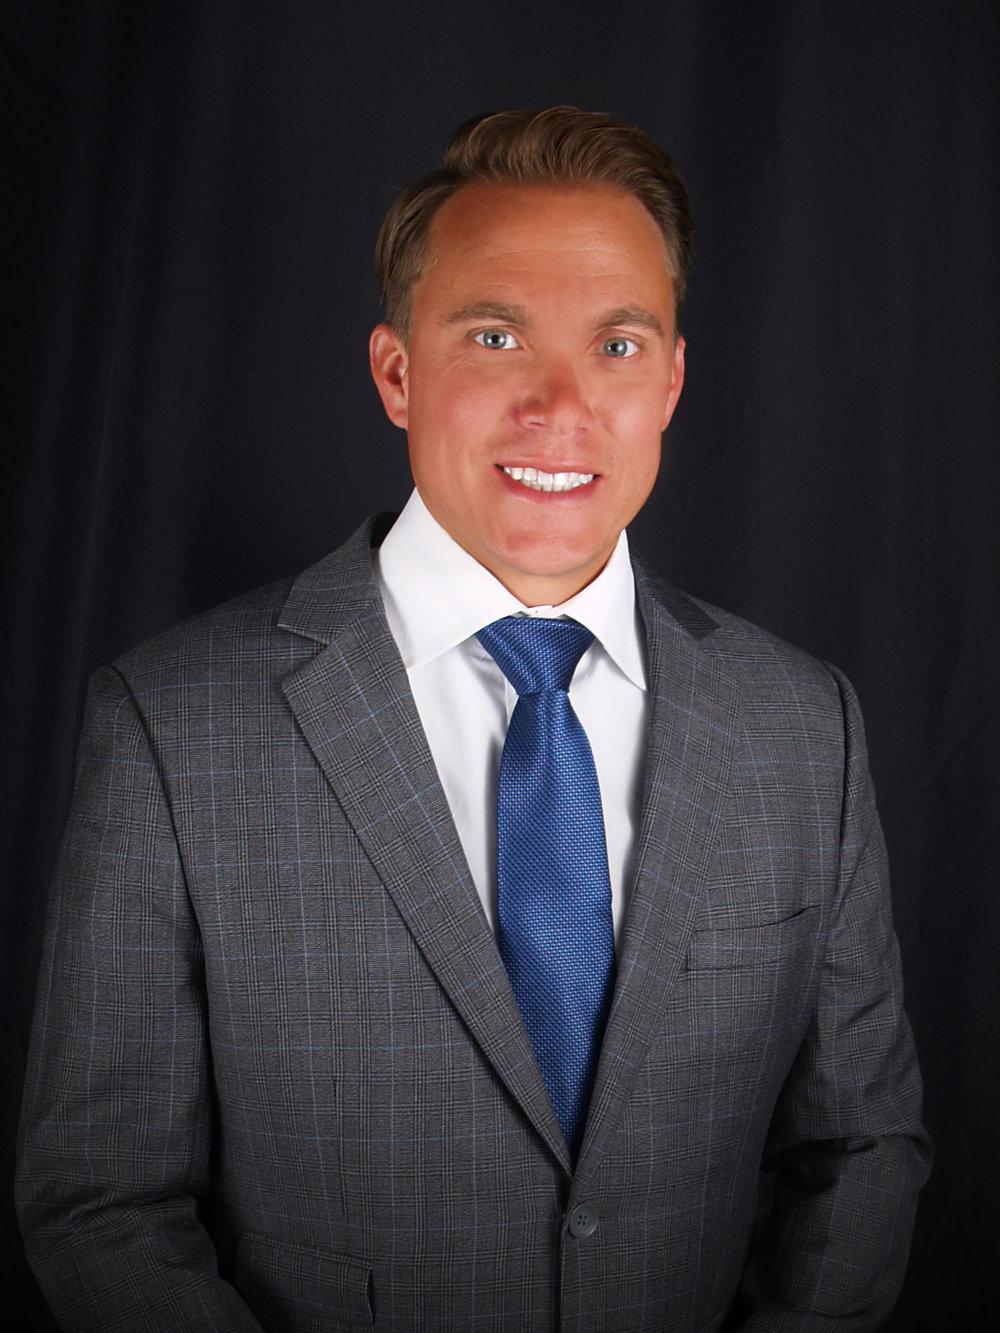 Adam Quirk Private Investigator